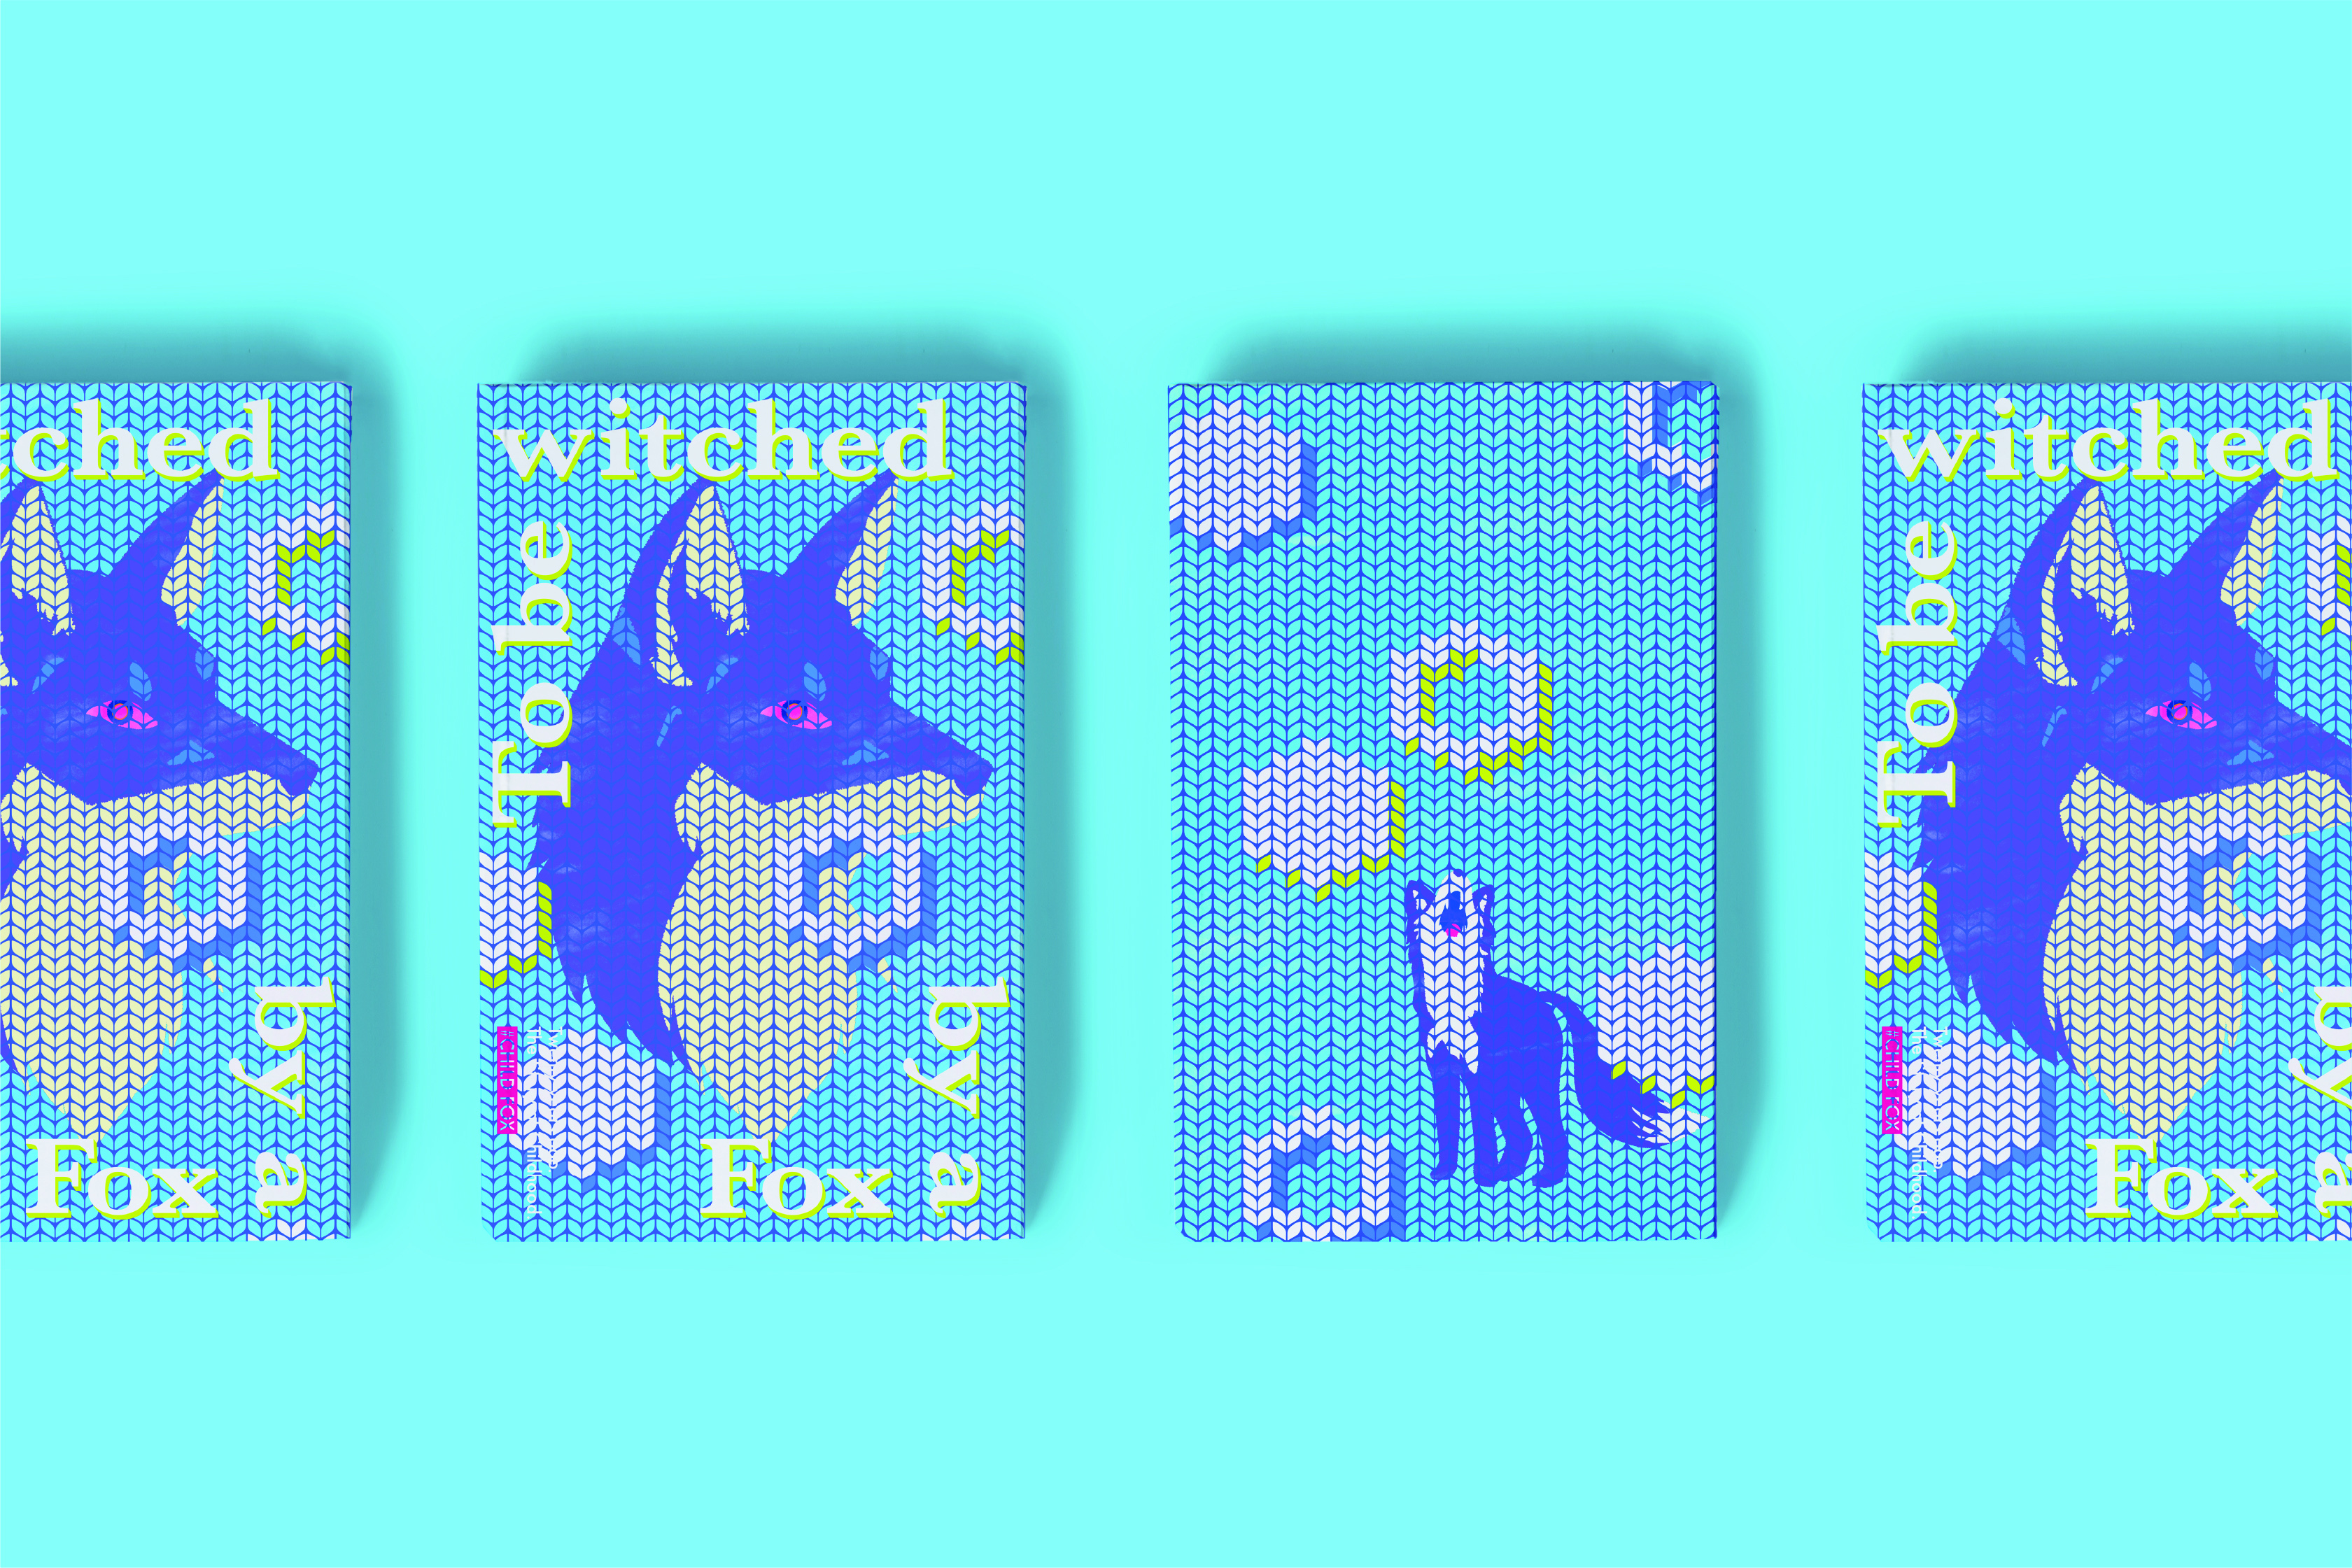 FoxyHole